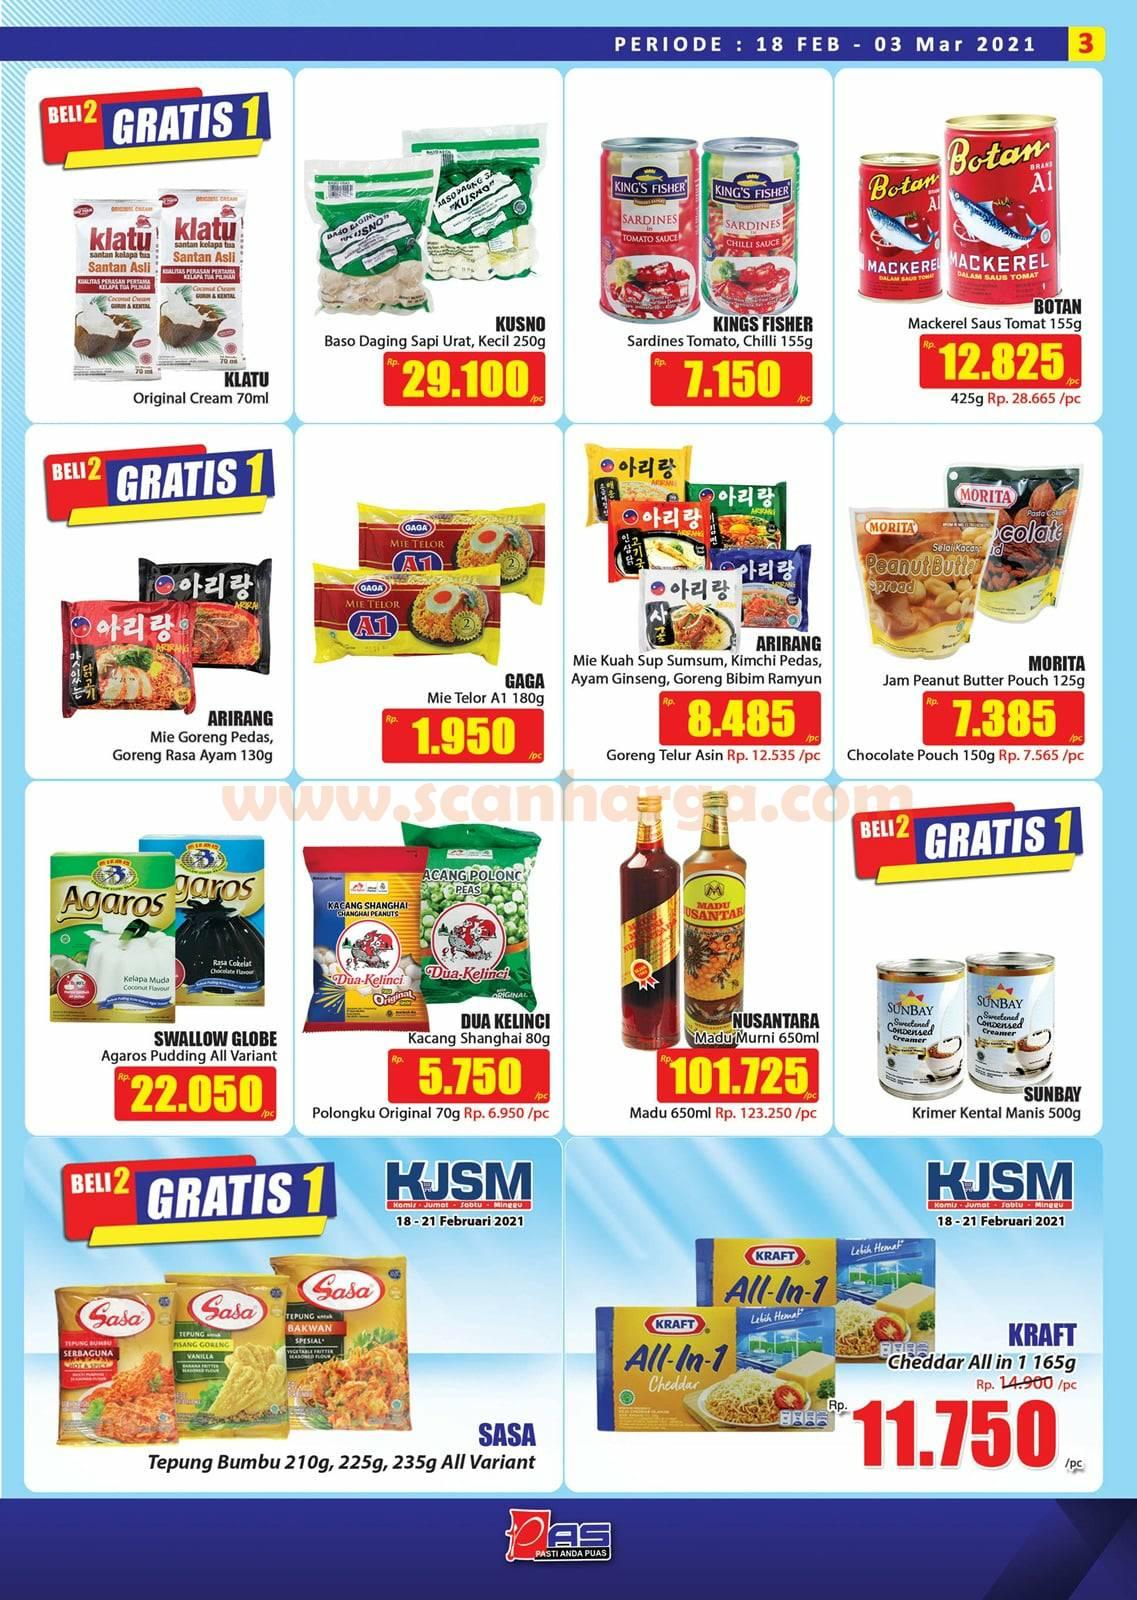 Katalog Promo Hari Hari Pasar Swalayan 18 Februari - 3 Maret 2021 3